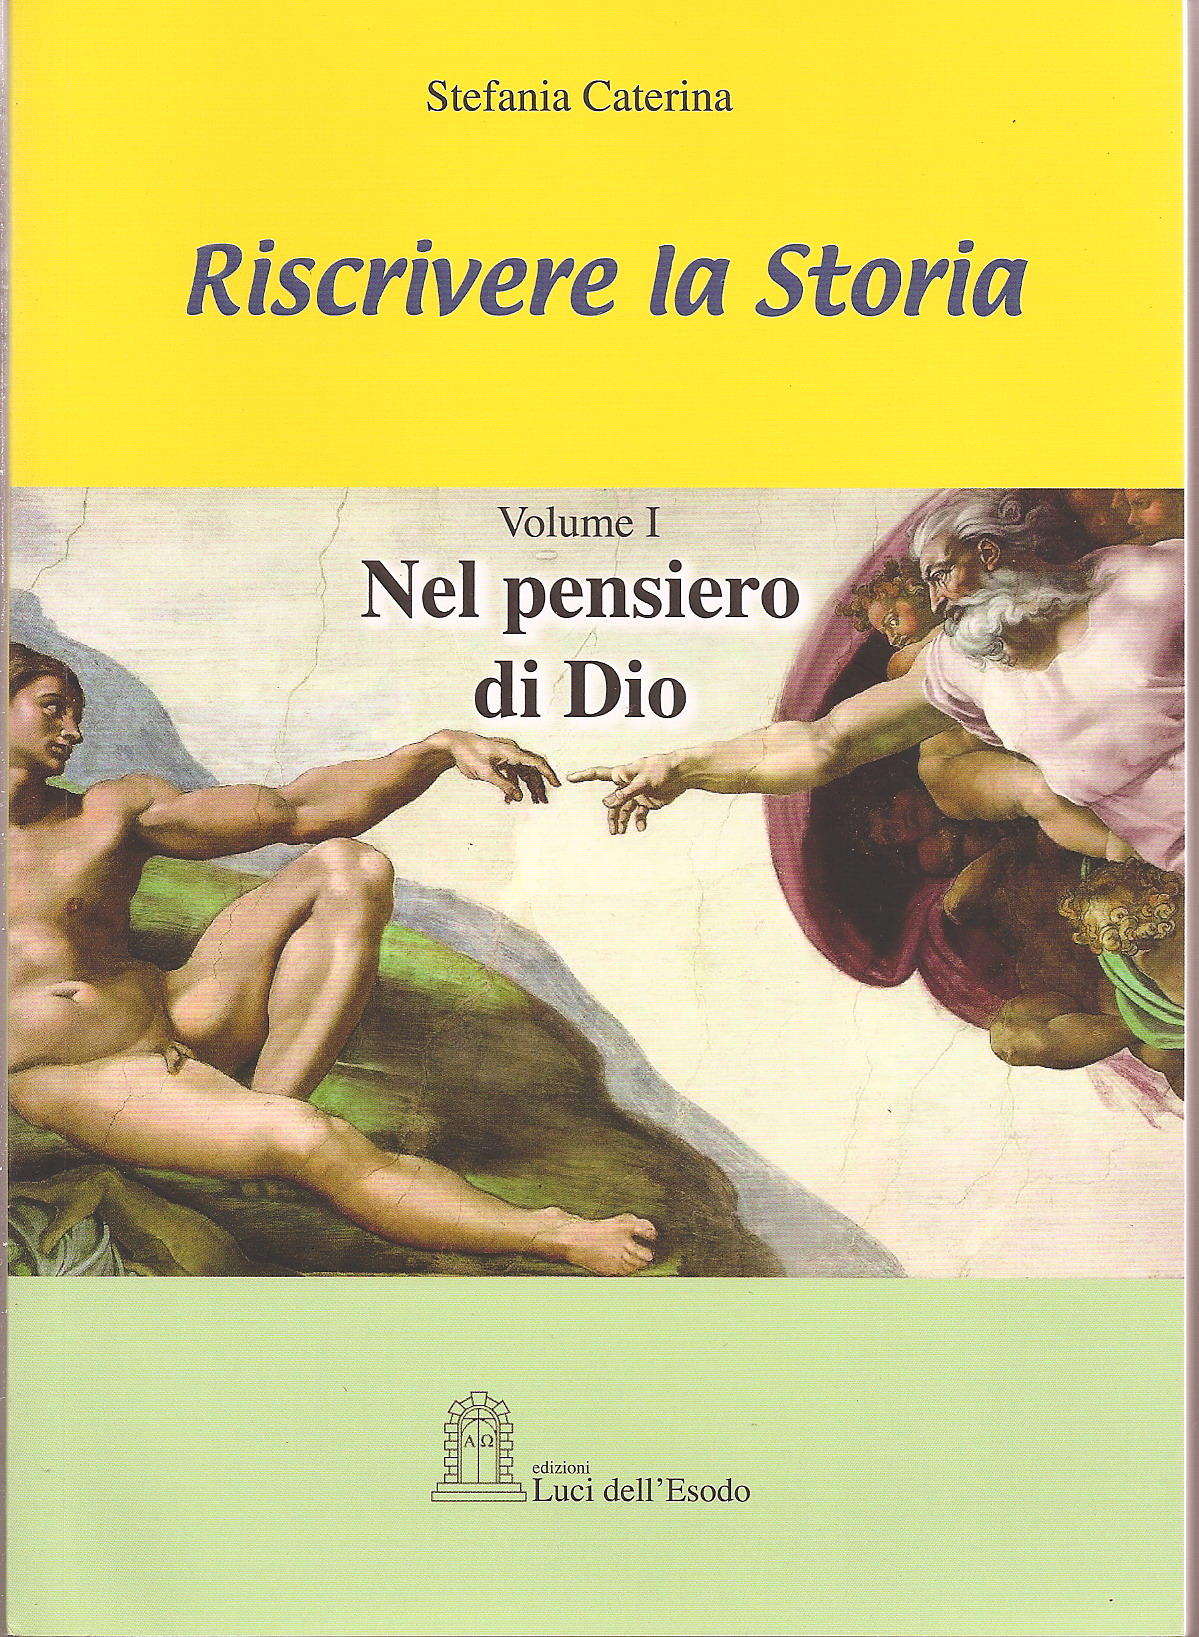 Riscrivere la Storia - Volume I